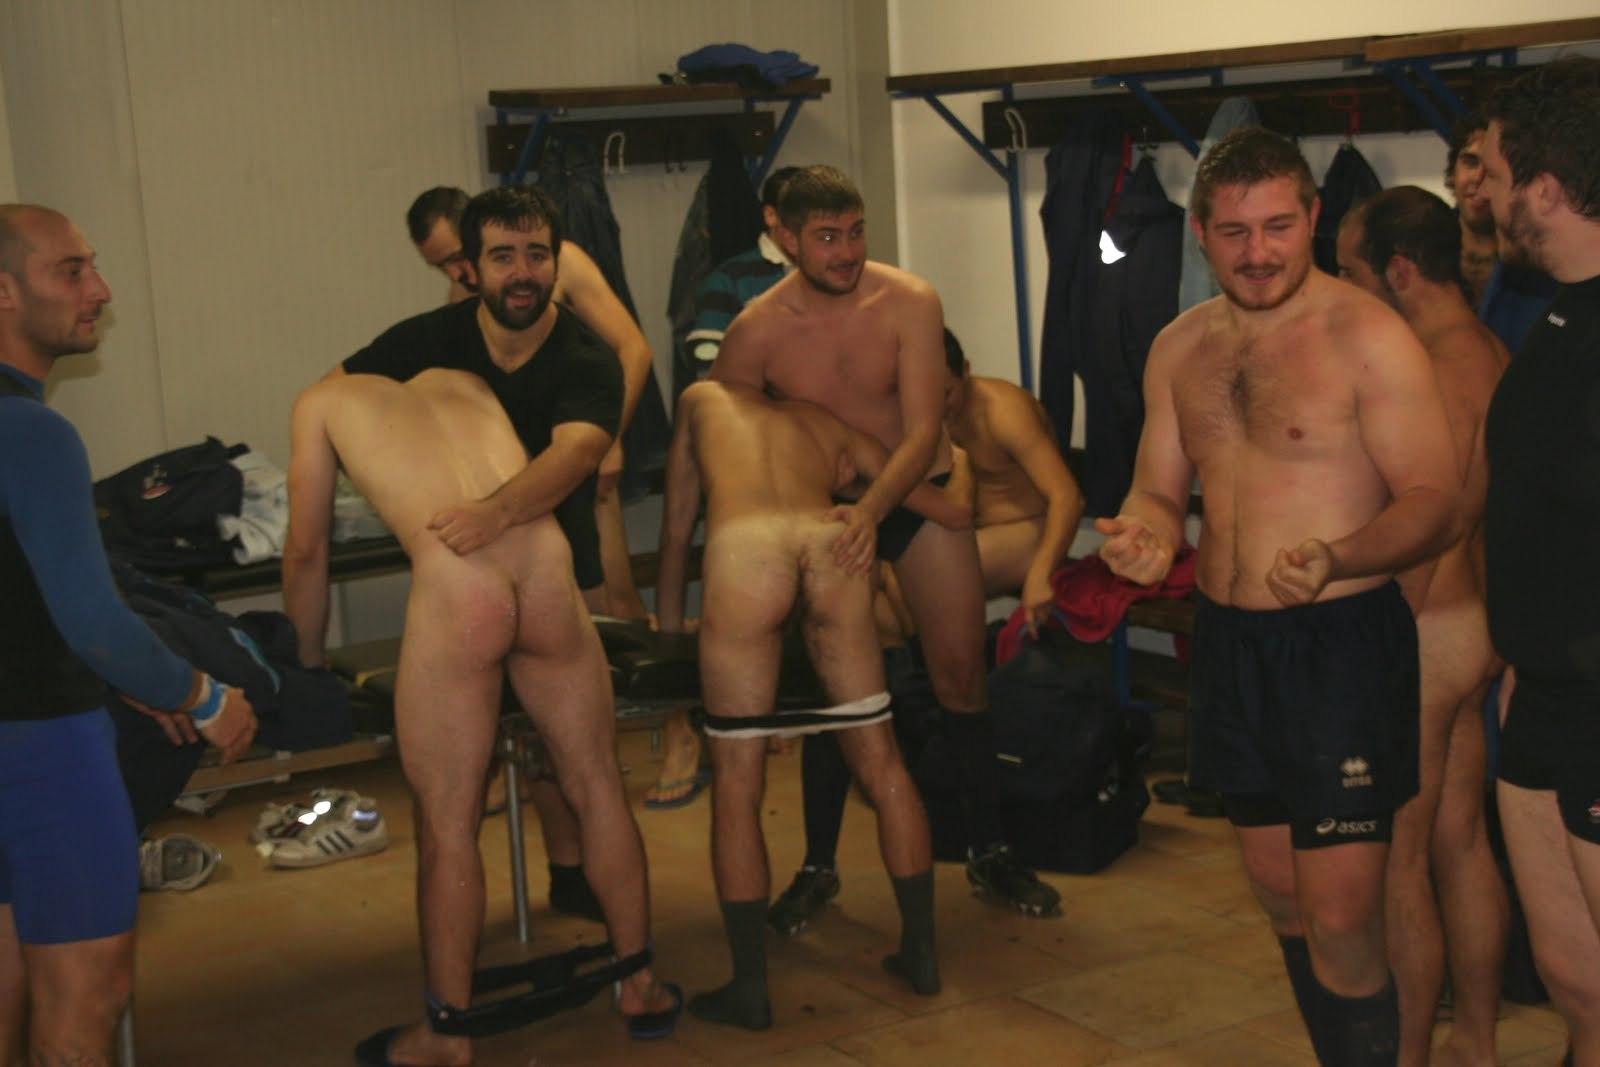 Gay Public Locker Room